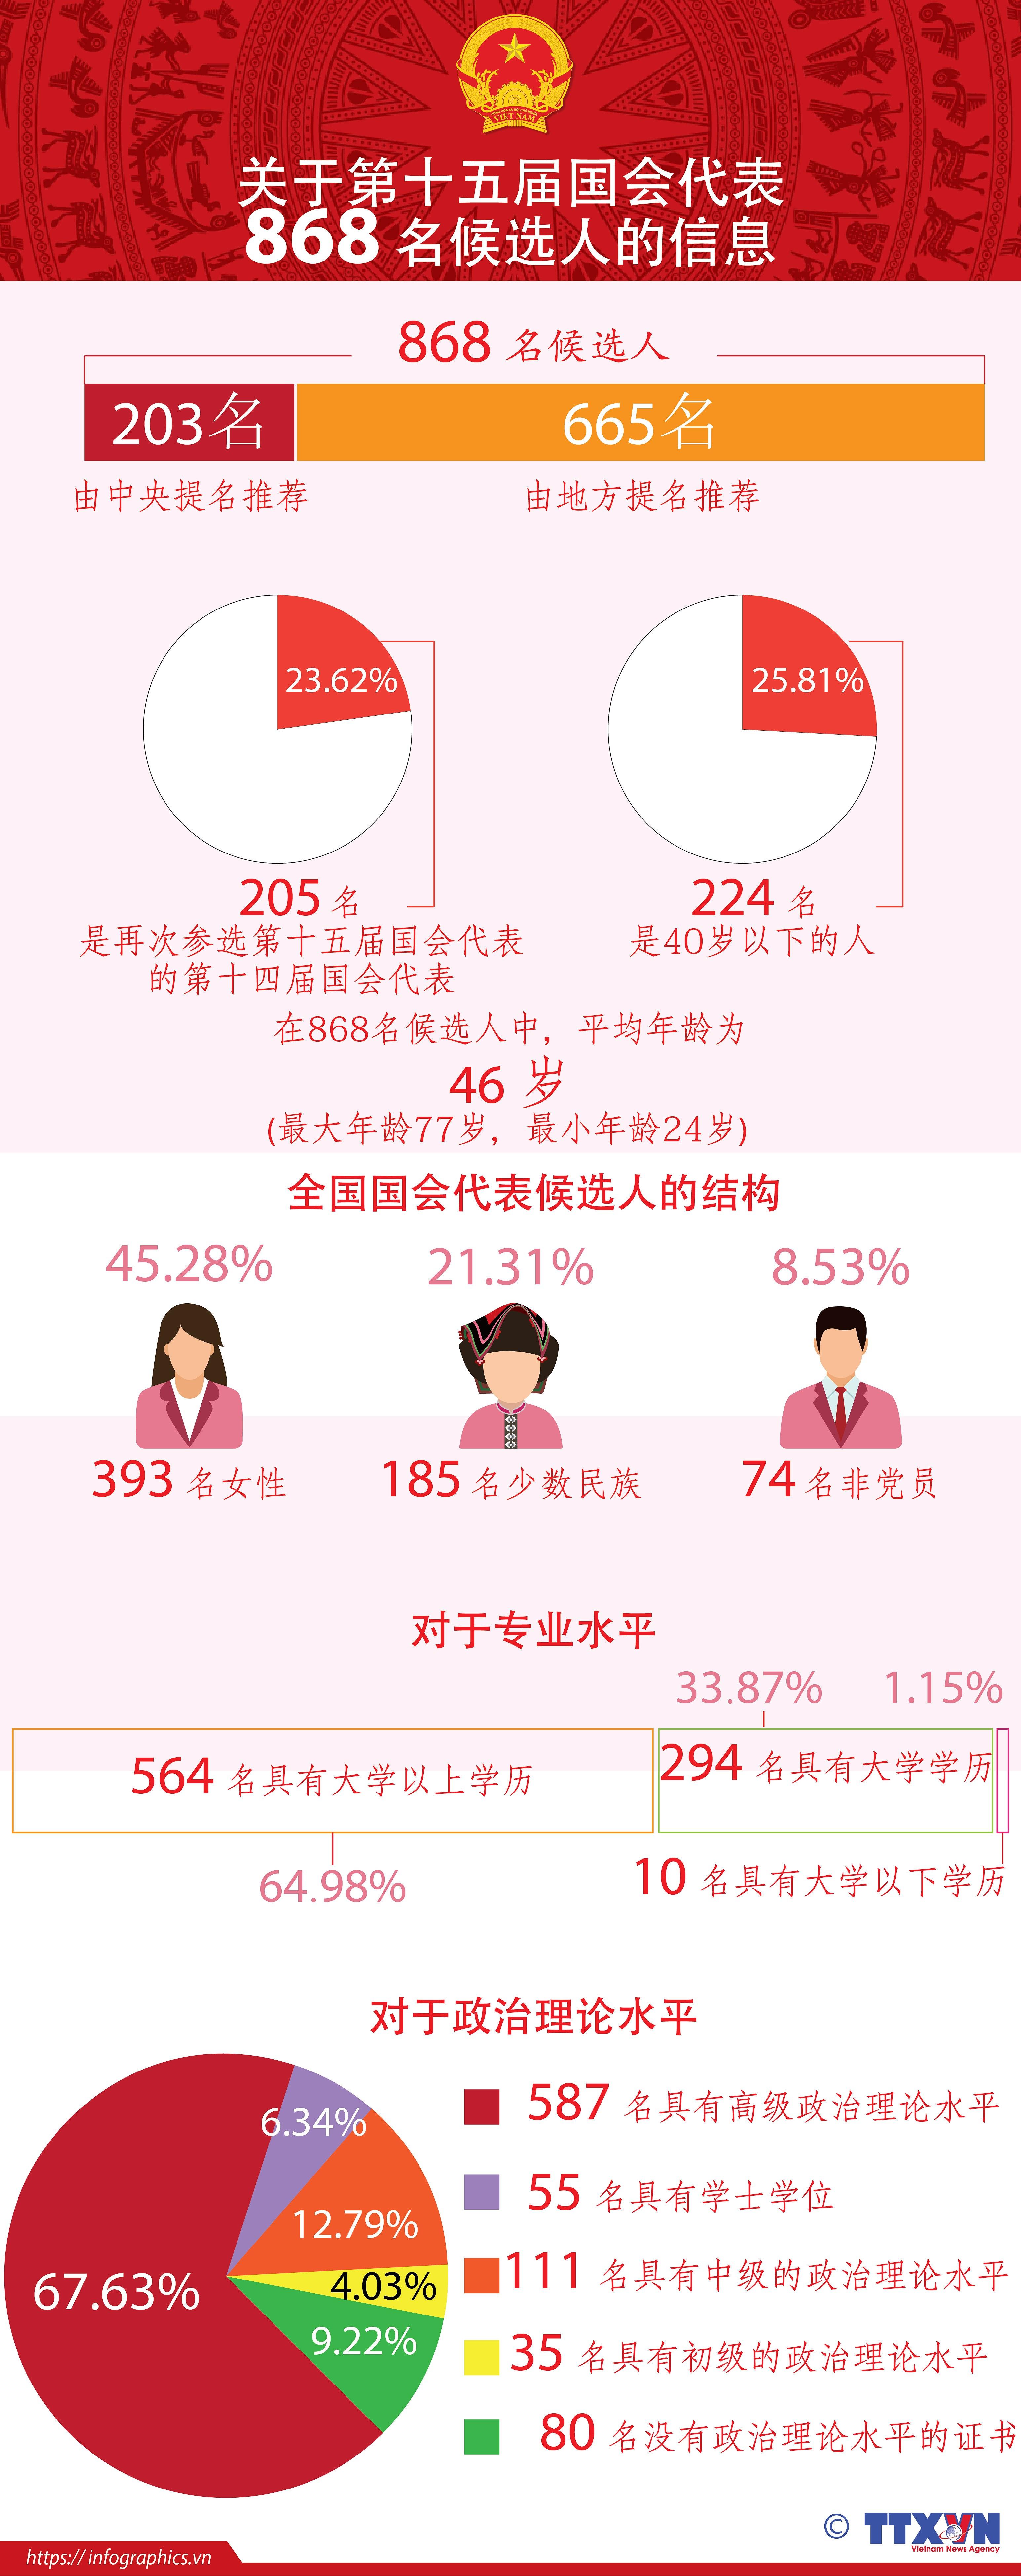 图表新闻:关于第十五届国会代表868名候选人的信息 hinh anh 1